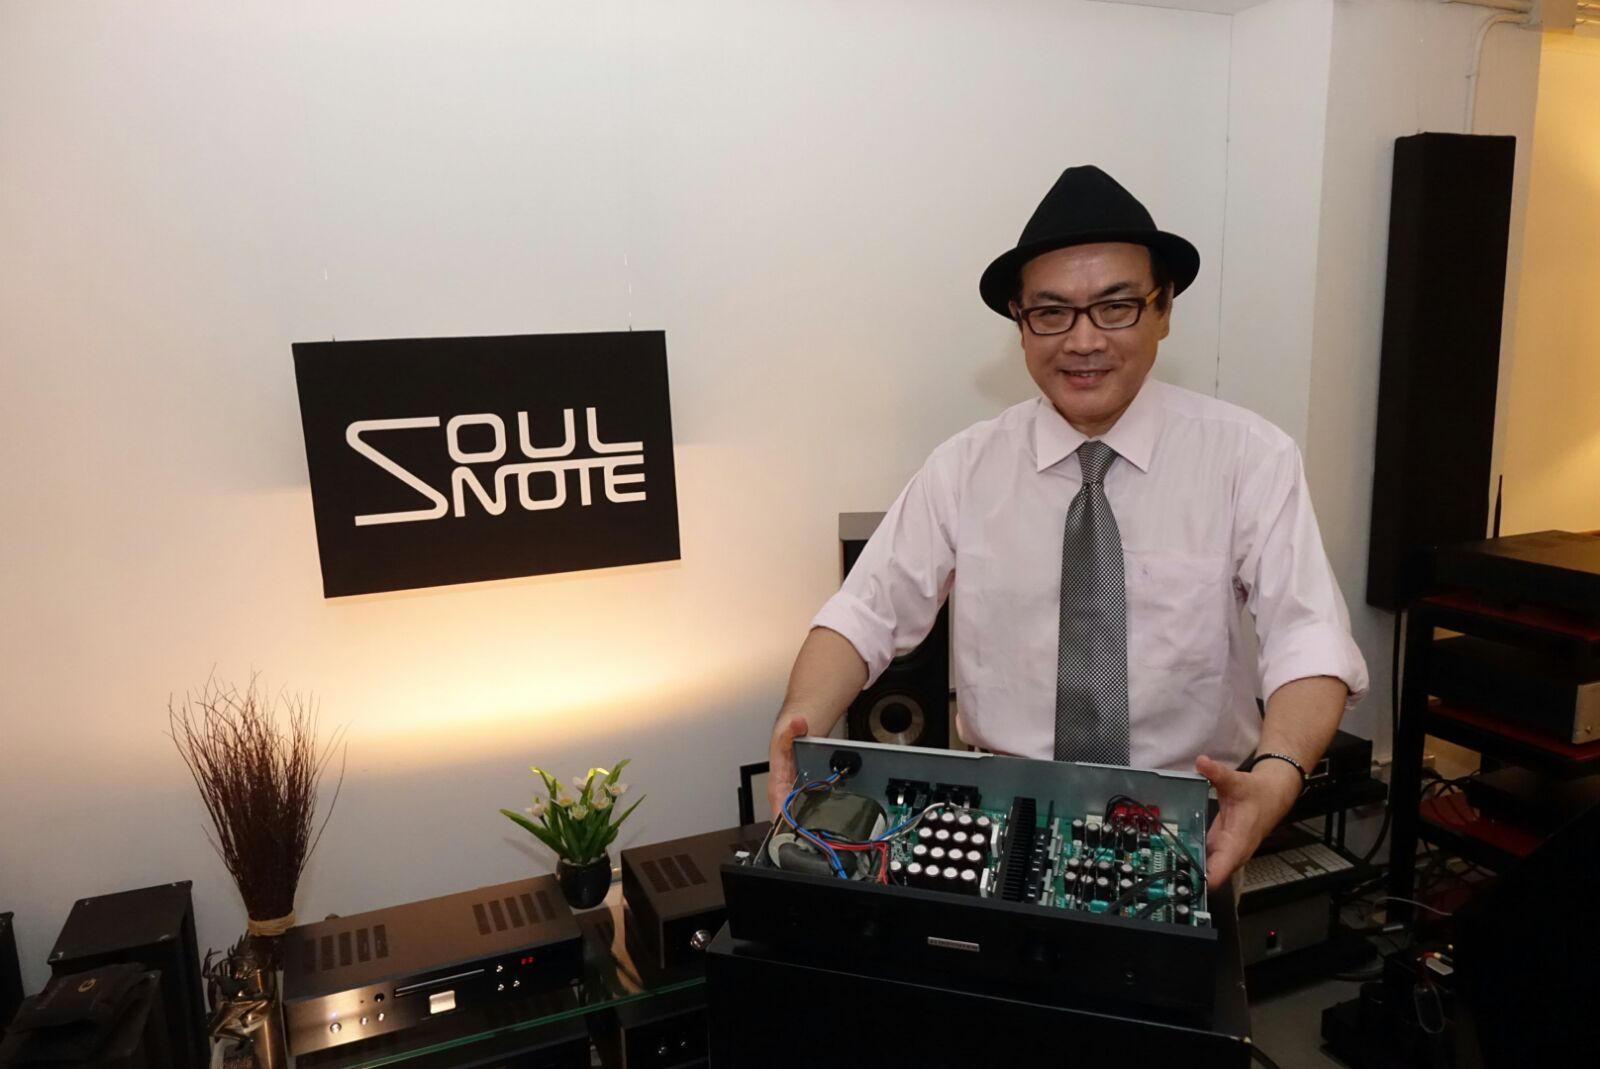 日本 Soul Note 總裁 Koki Matsubara 松原幸輝先生日前親臨 V8 HiFi